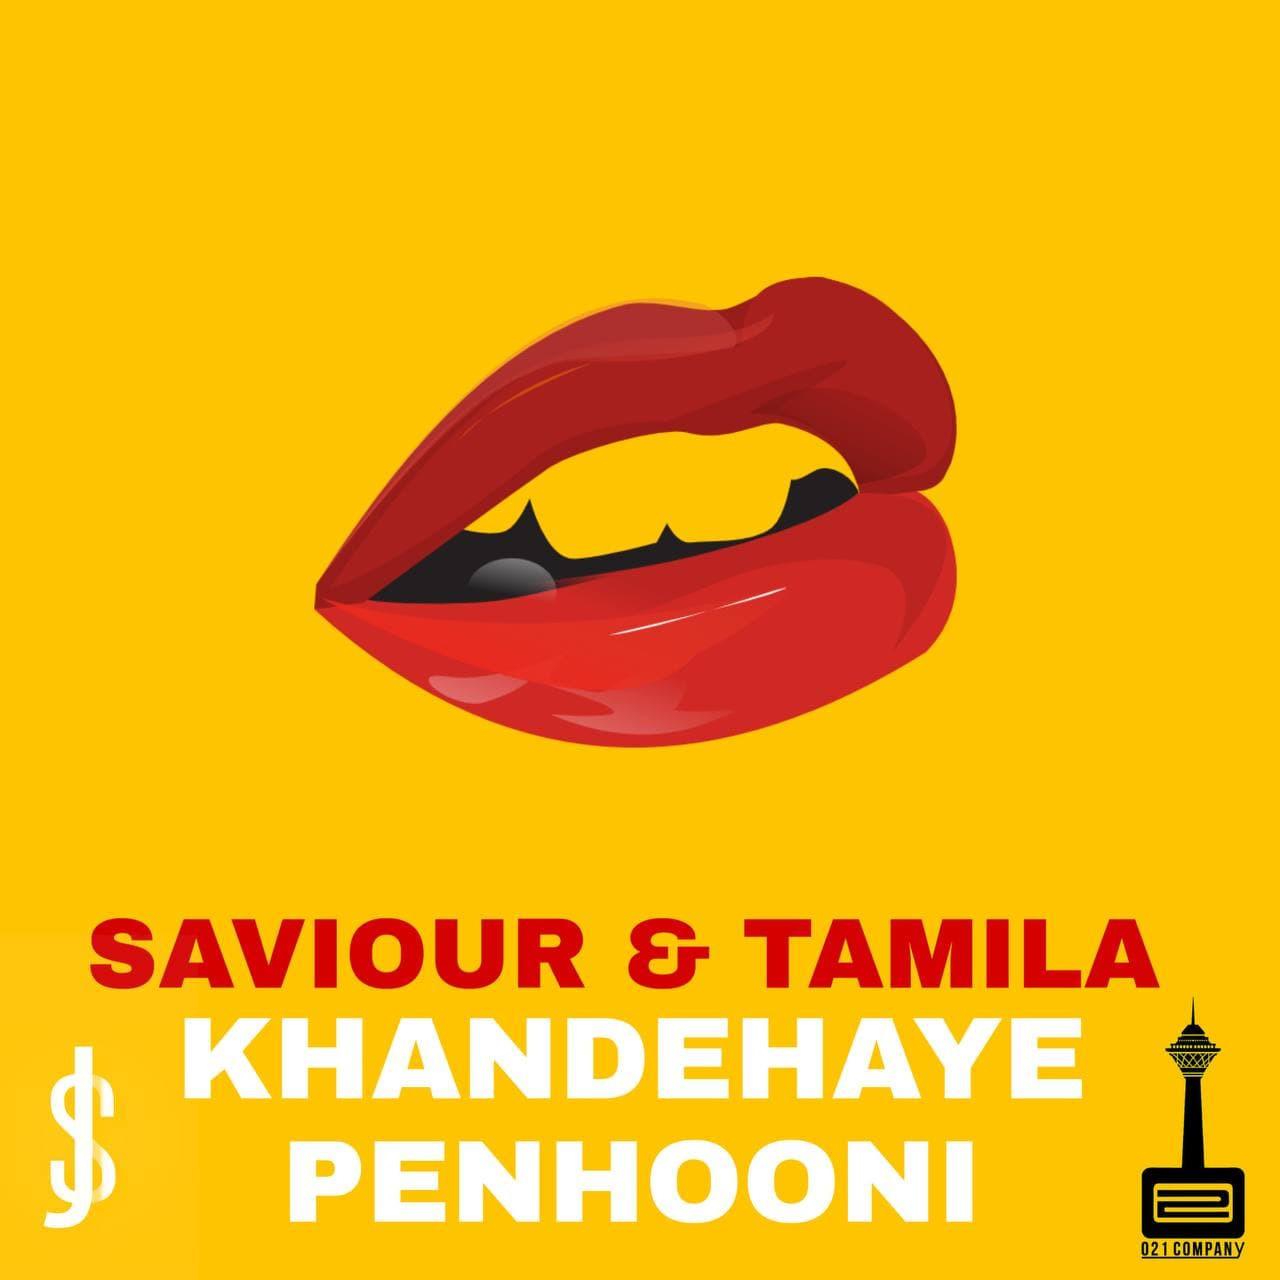 Saman Saviour & Tamila - Khandehaye Penhooni